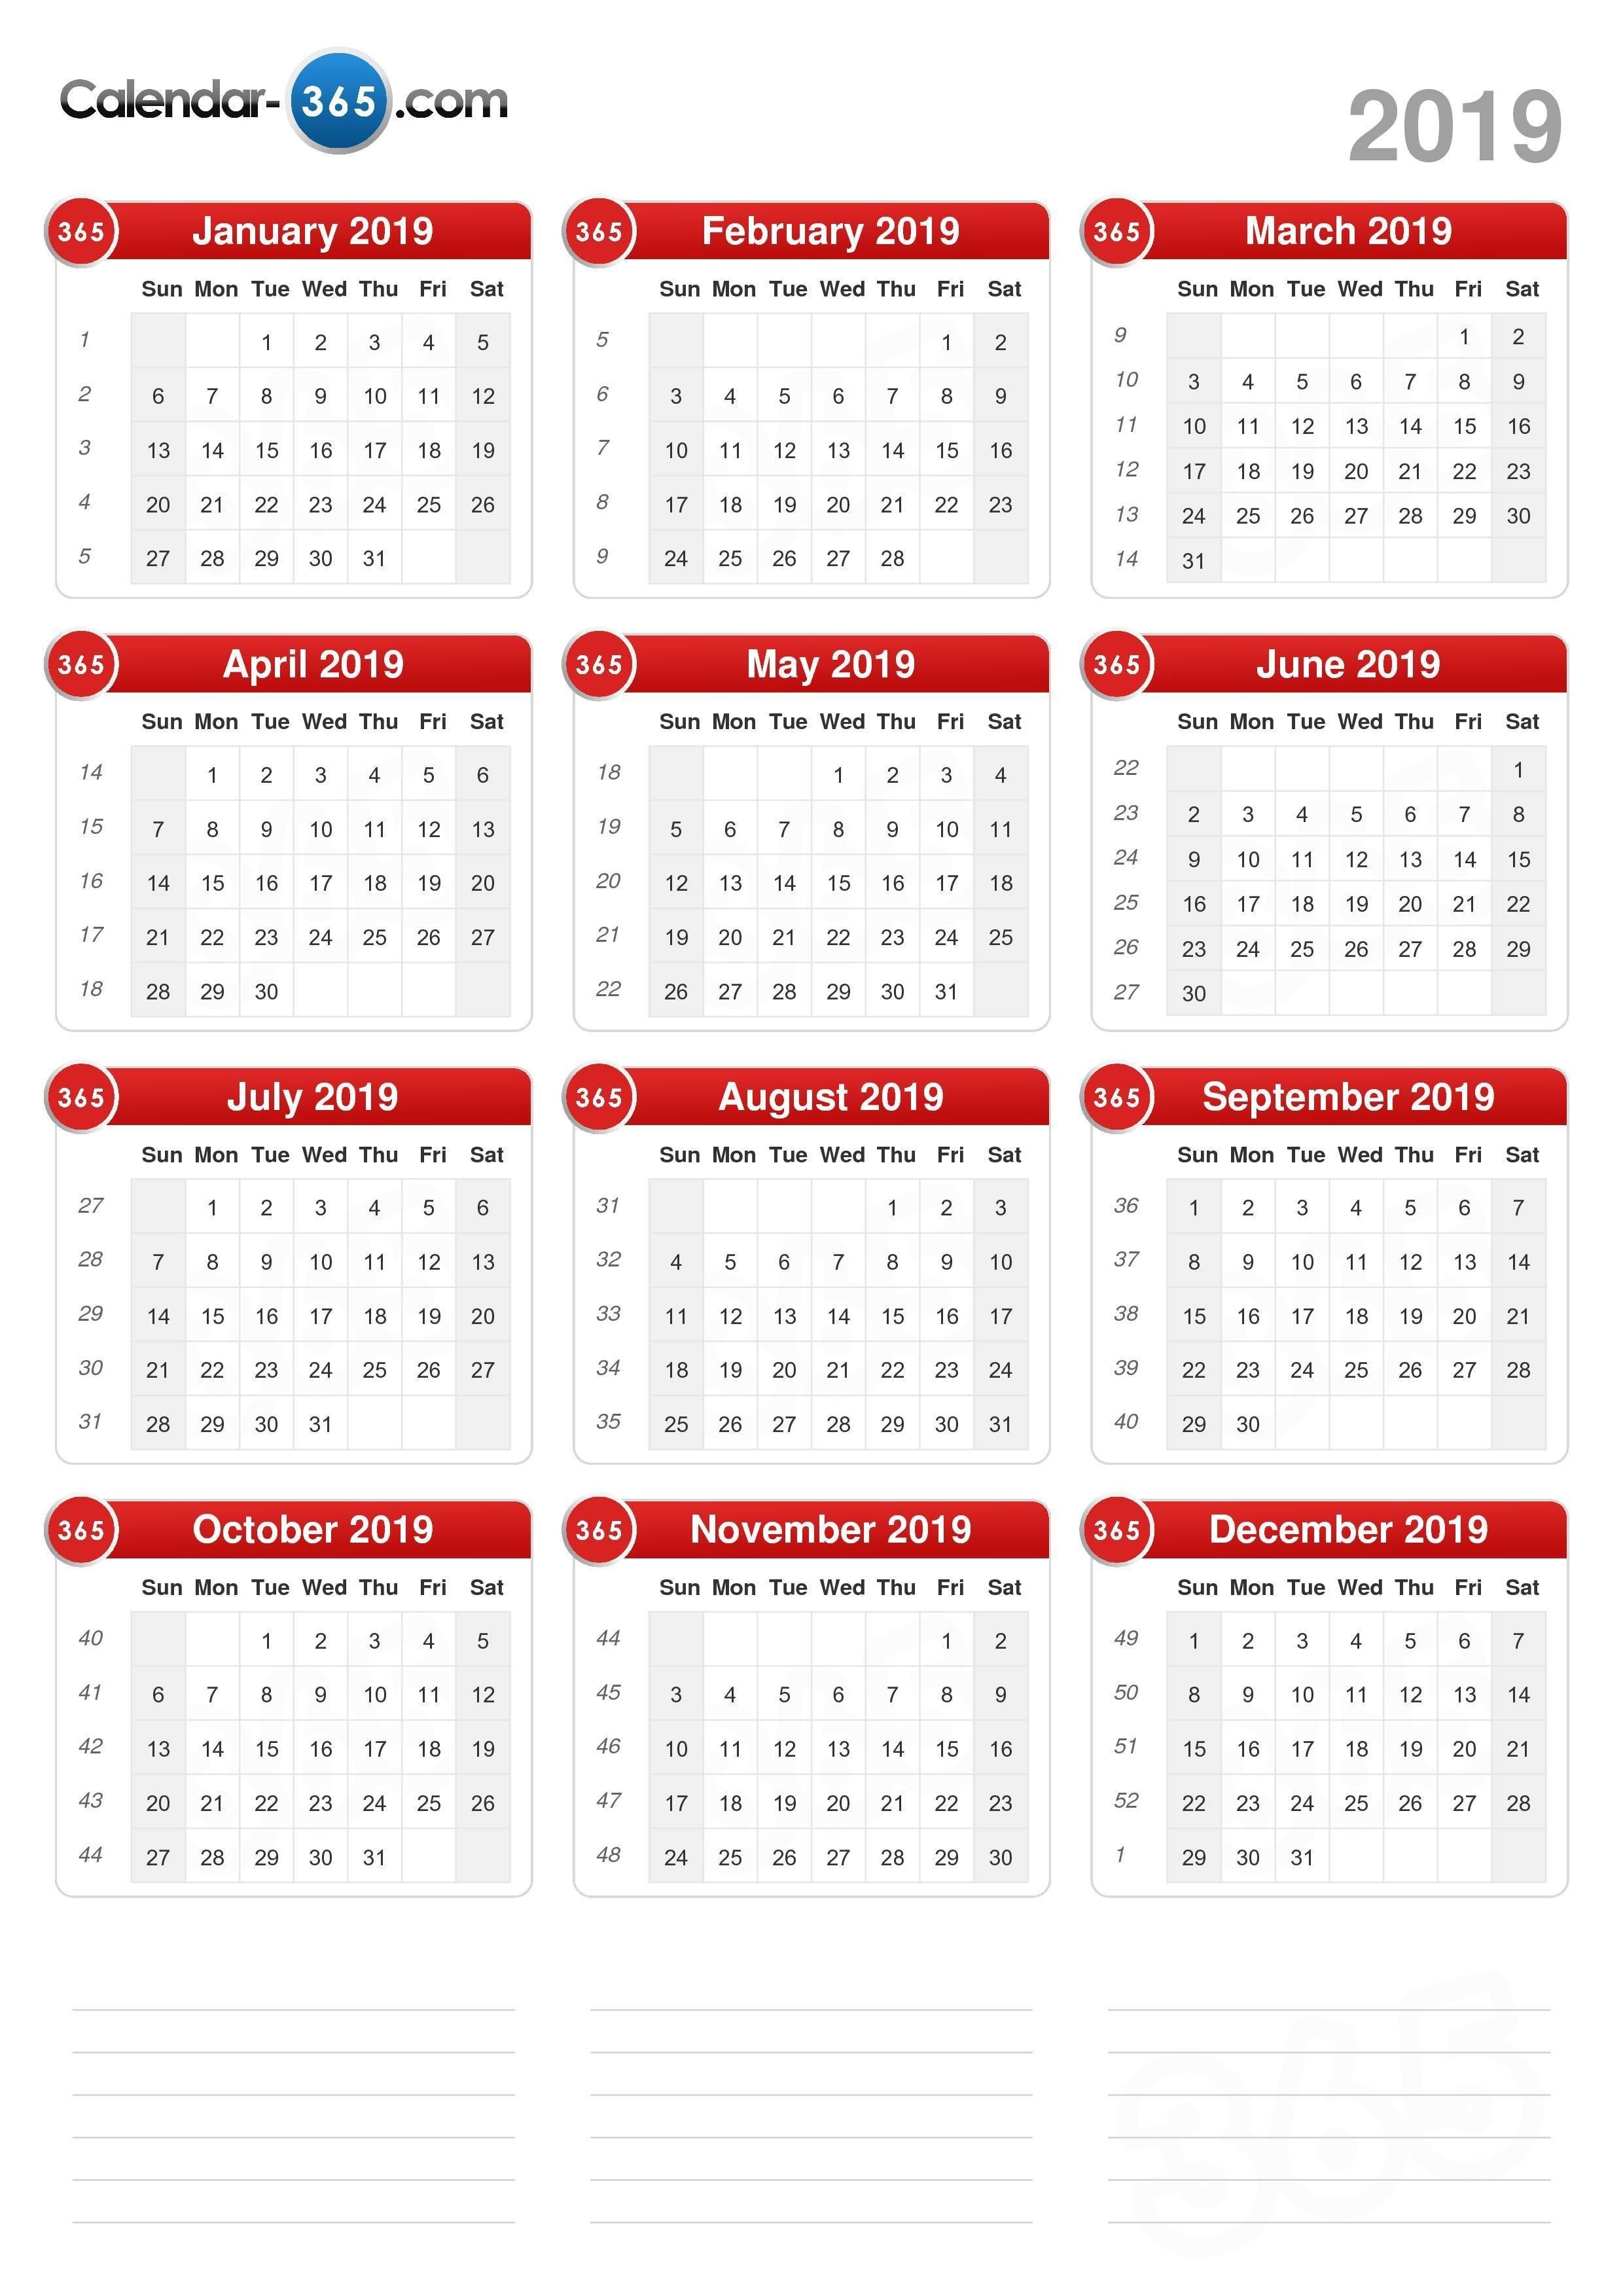 2019 Calendar Week 9 Calendar 2019